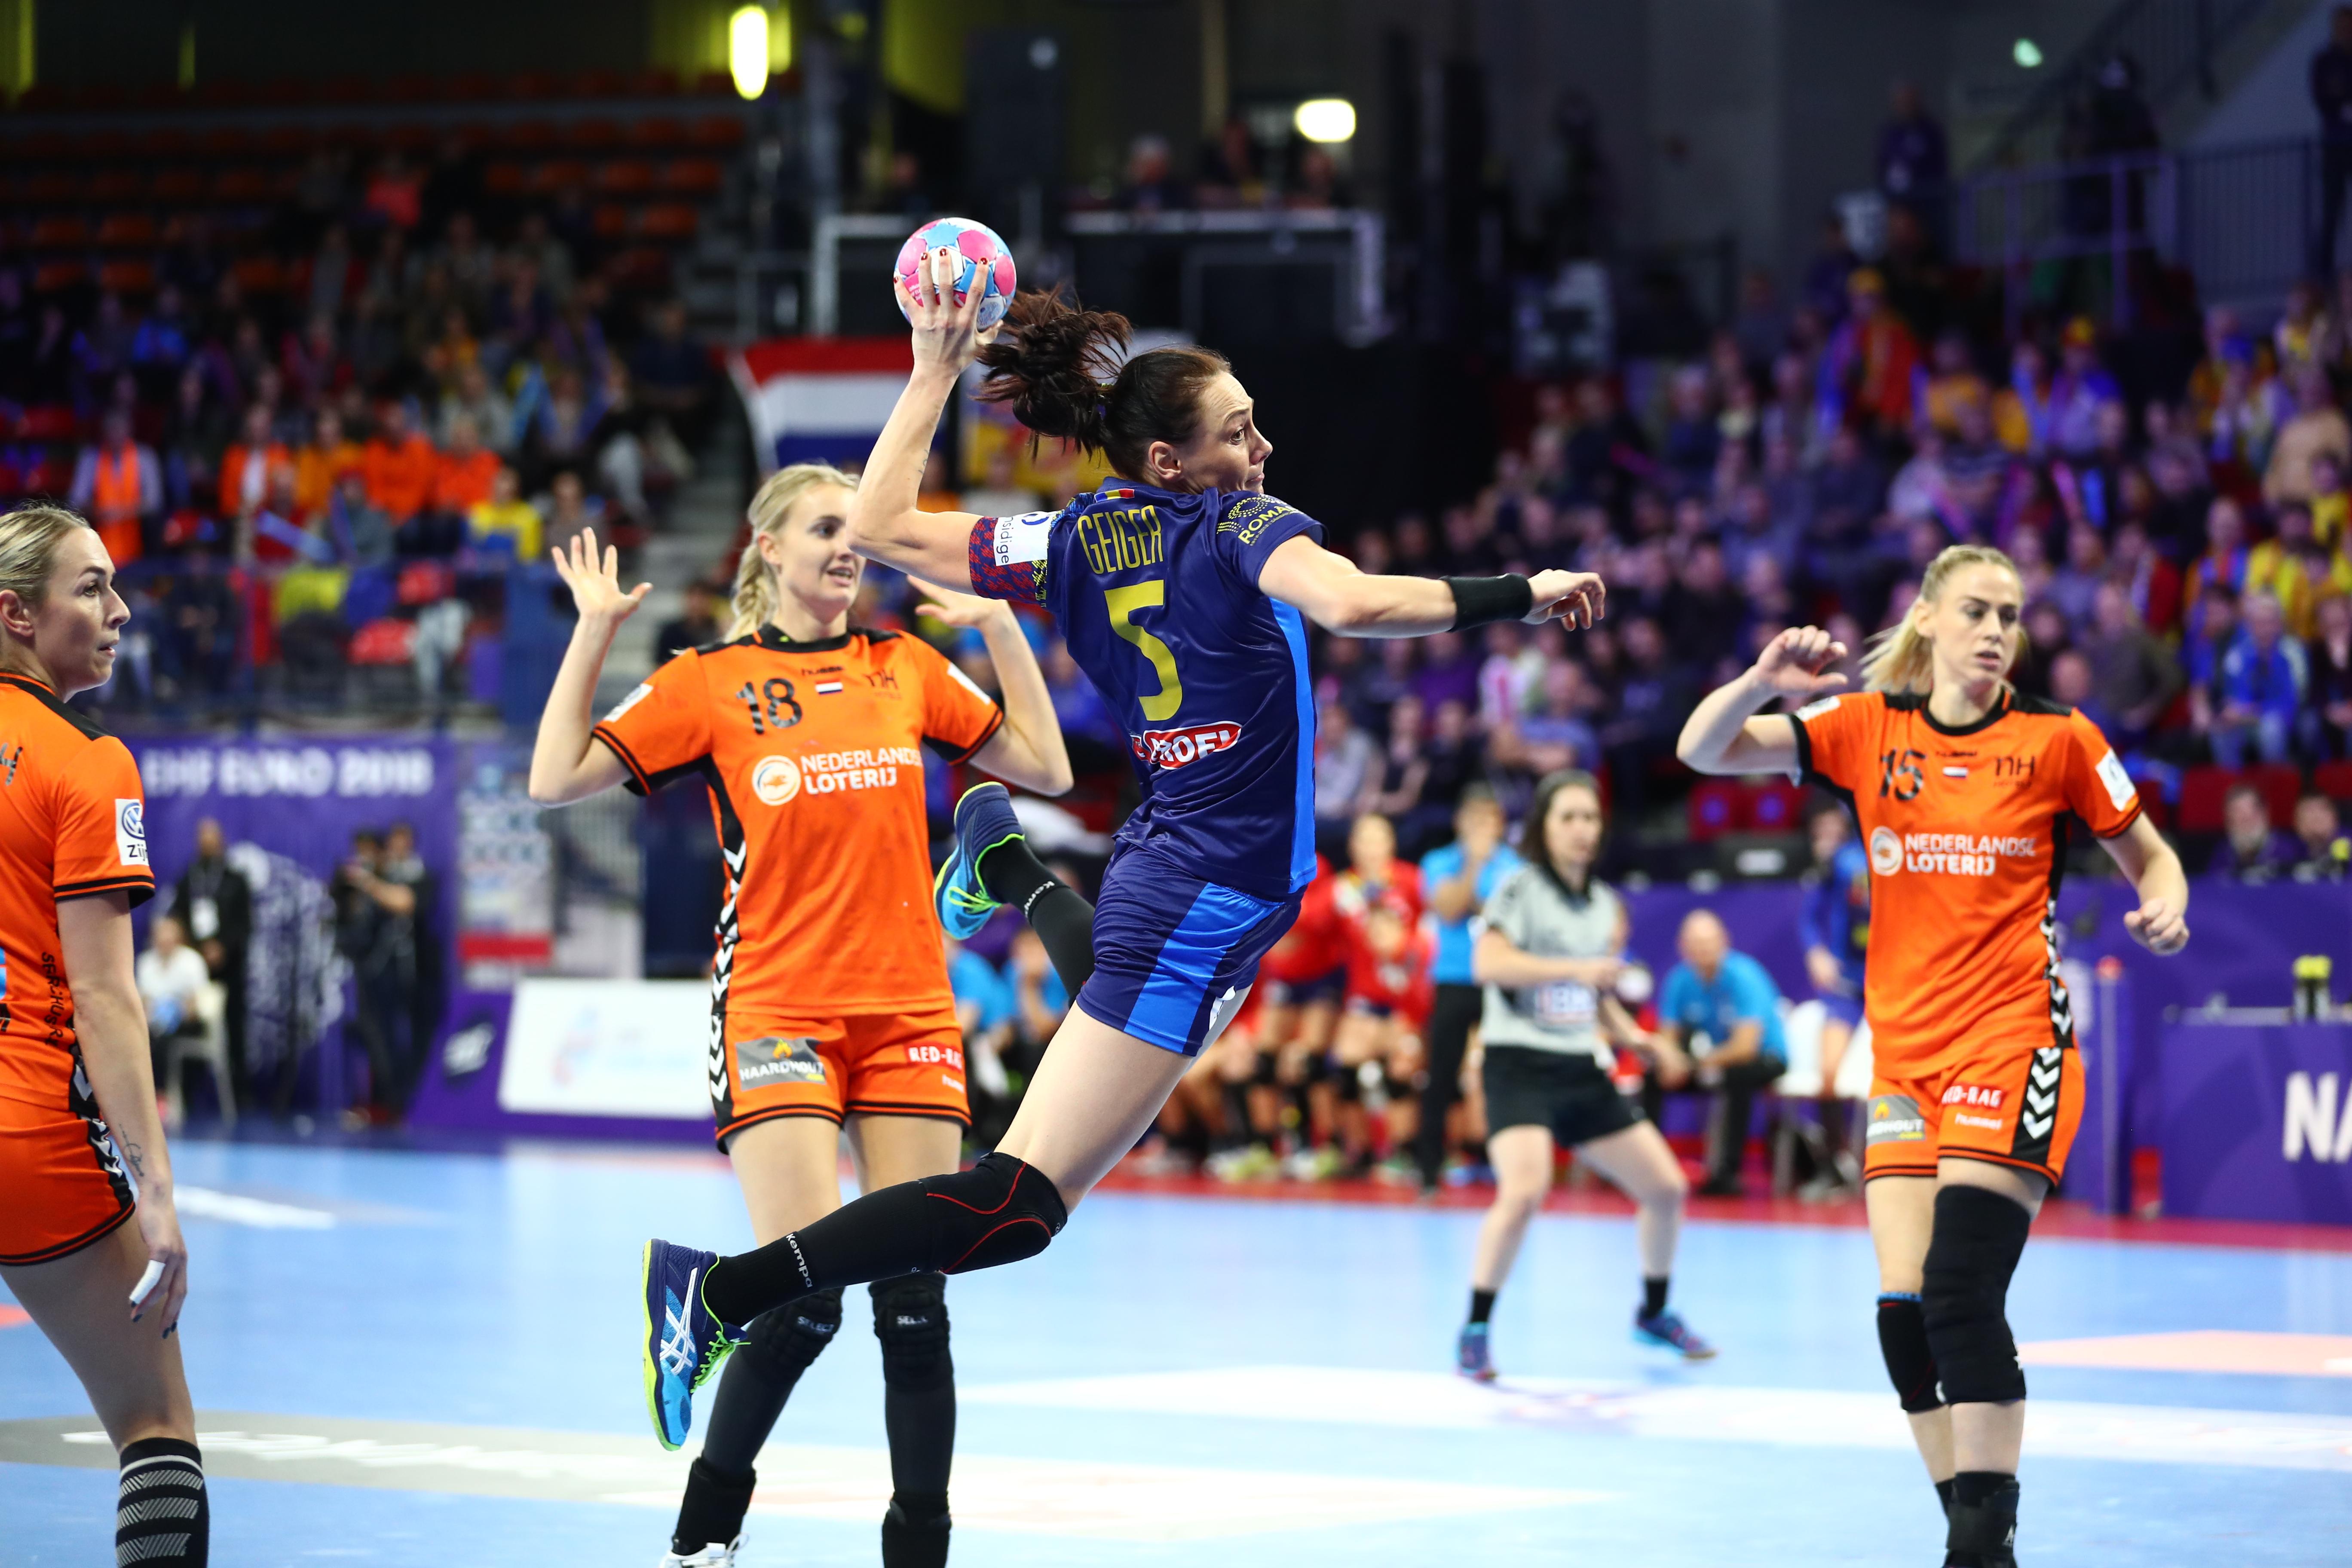 România a pierdut cu Olanda, iar calificarea în semifinalele Euro 2018 de handbal feminin se complică | VIDEO&GALERIE FOTO